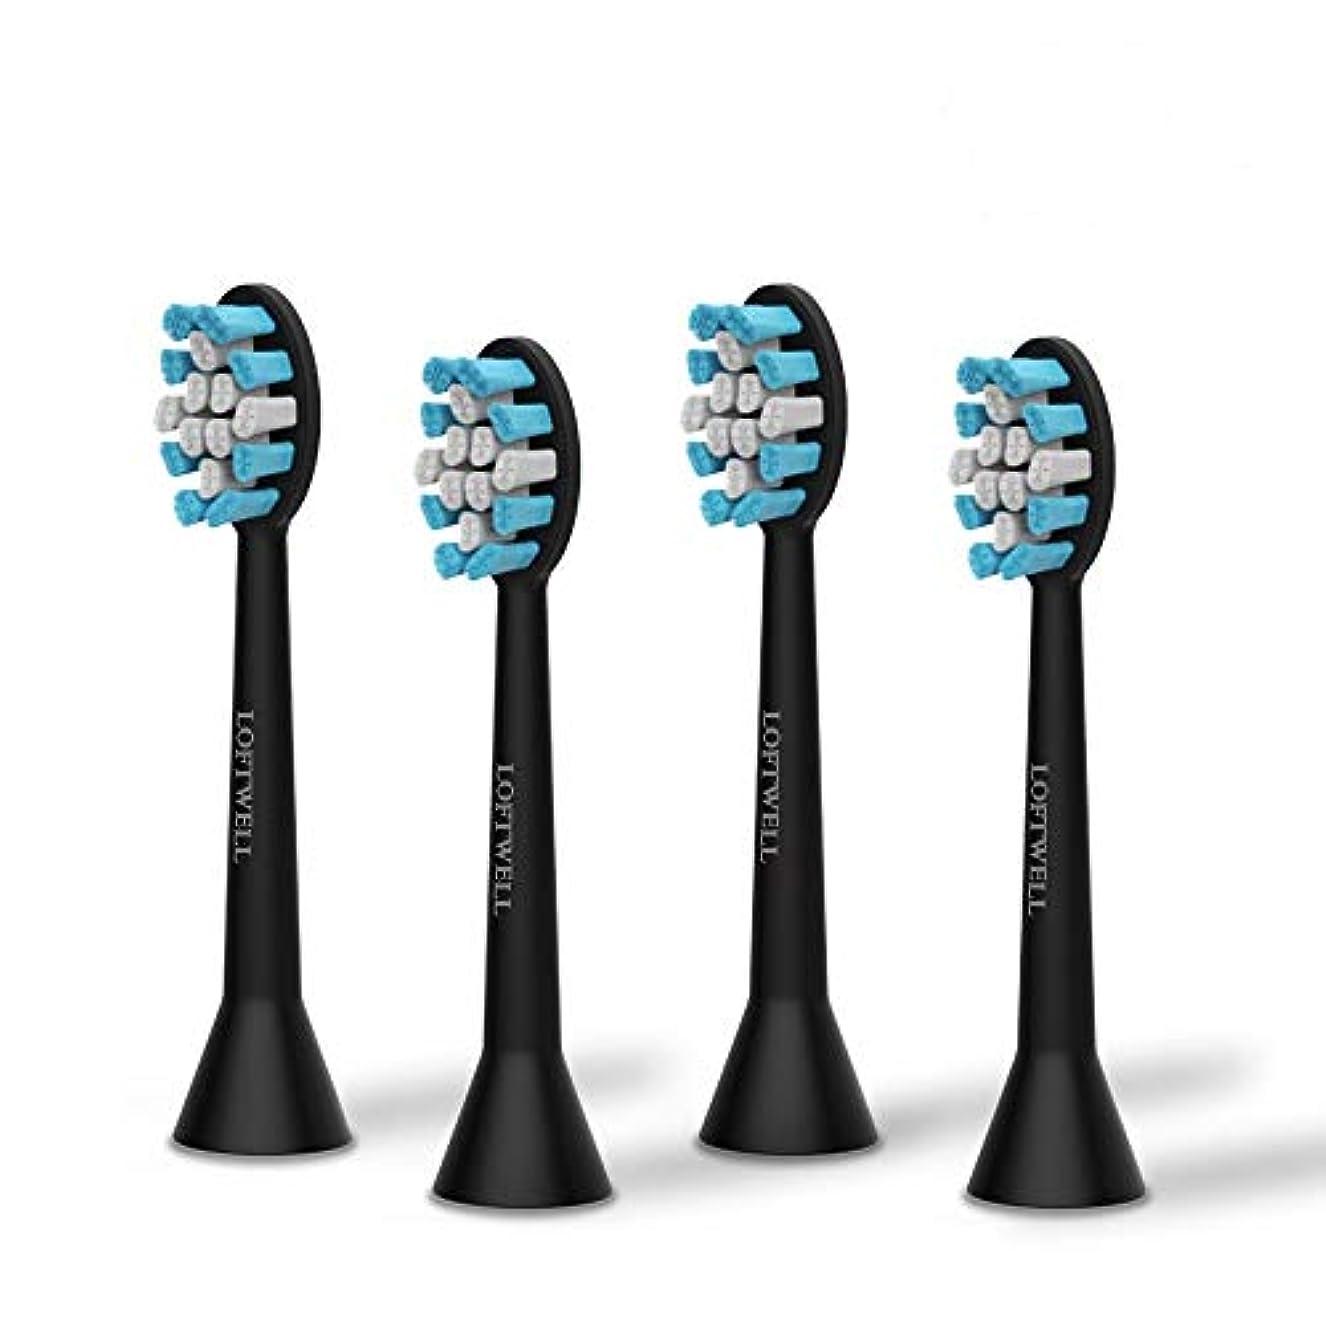 要旨複合メロディアスloftwell 電動歯ブラシ 超音波振動歯ブラシ 4モード 各モードの振動が3段階調節可 音波歯ブラシ USB充電式 (D5とD9通用替えブラシ)